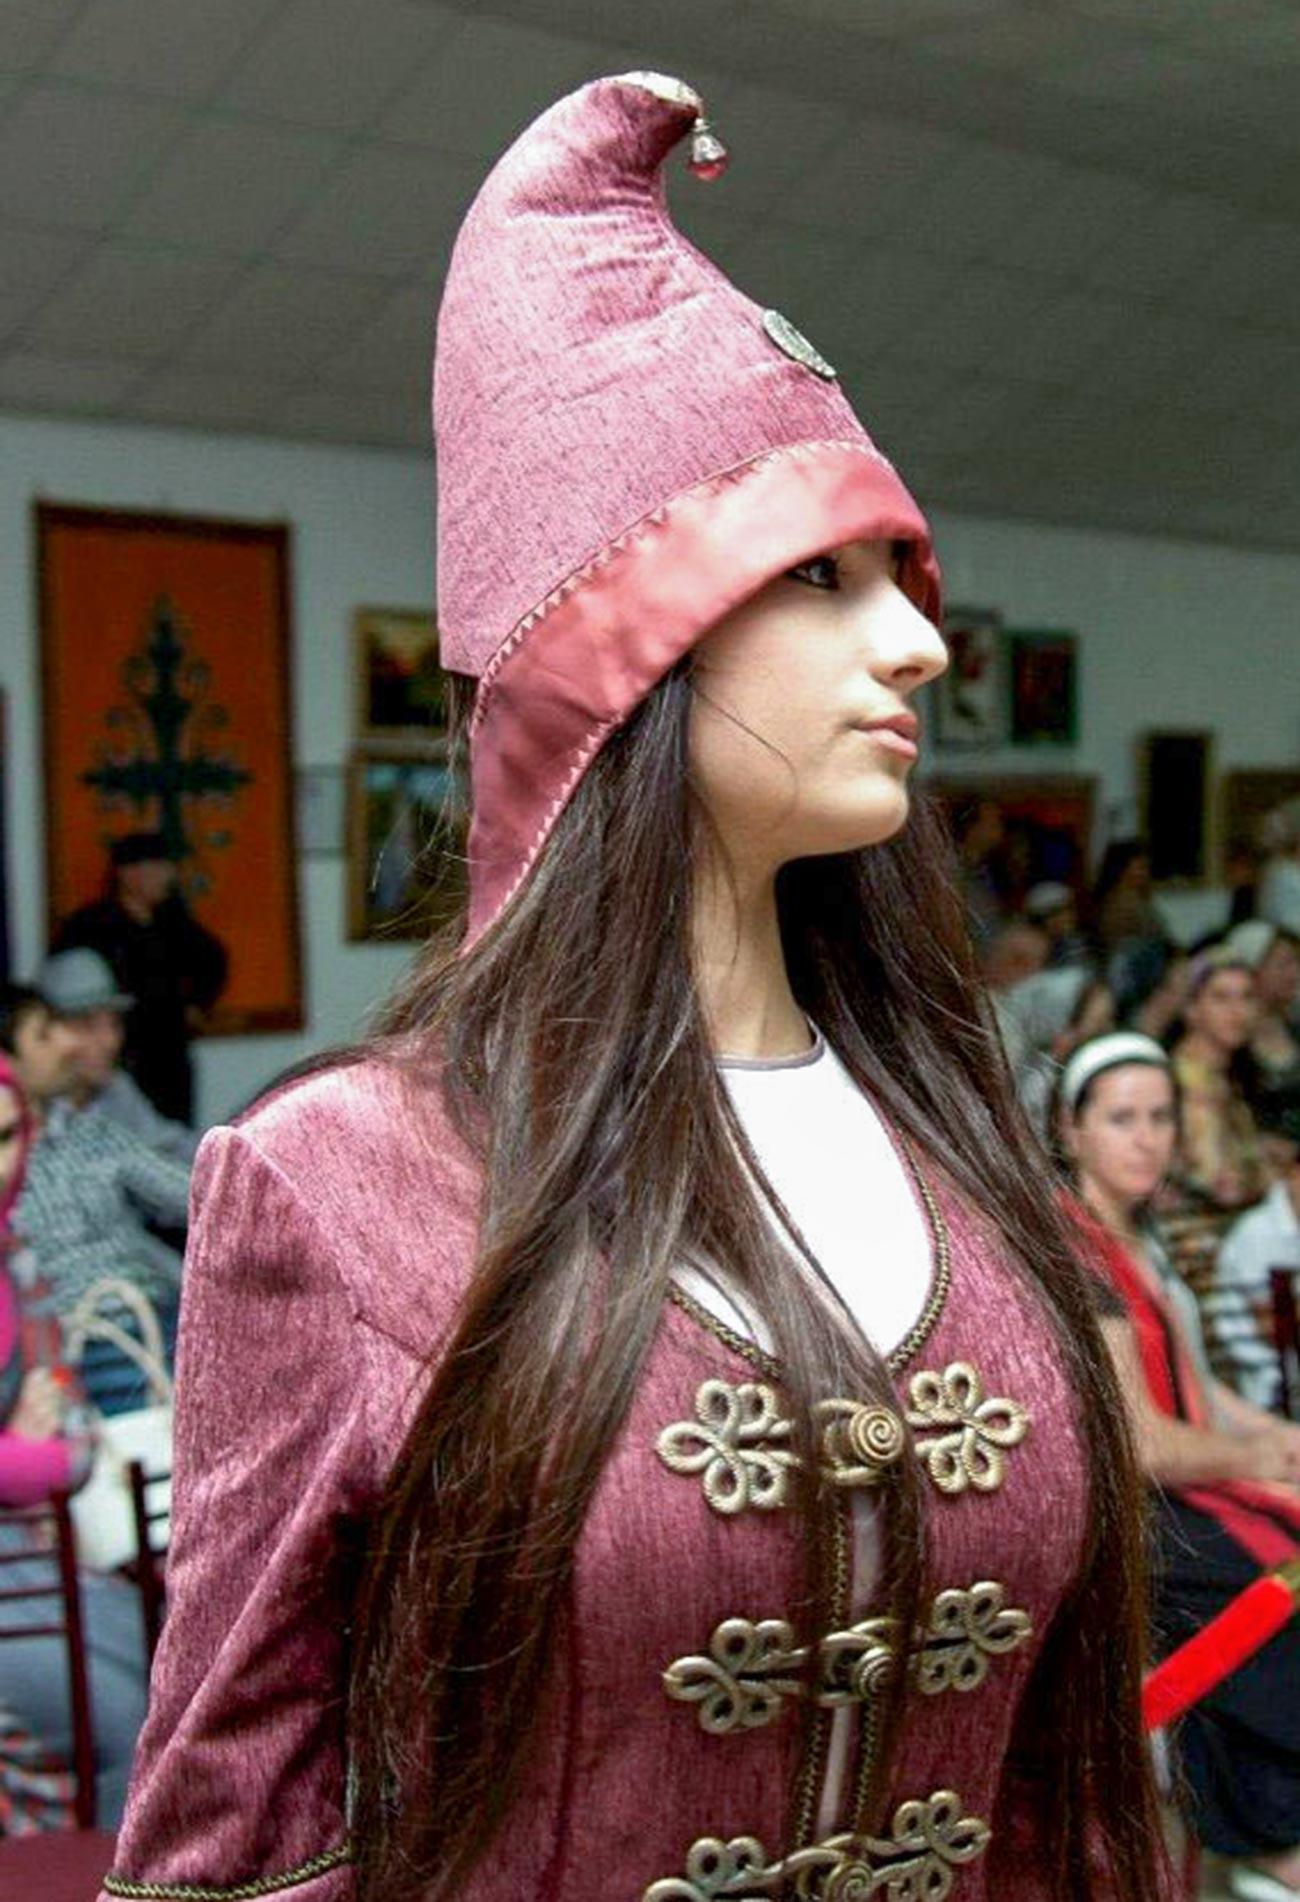 Der ursprüngliche nationale weibliche Kopfschmuck der Inguschen - kurkhars.